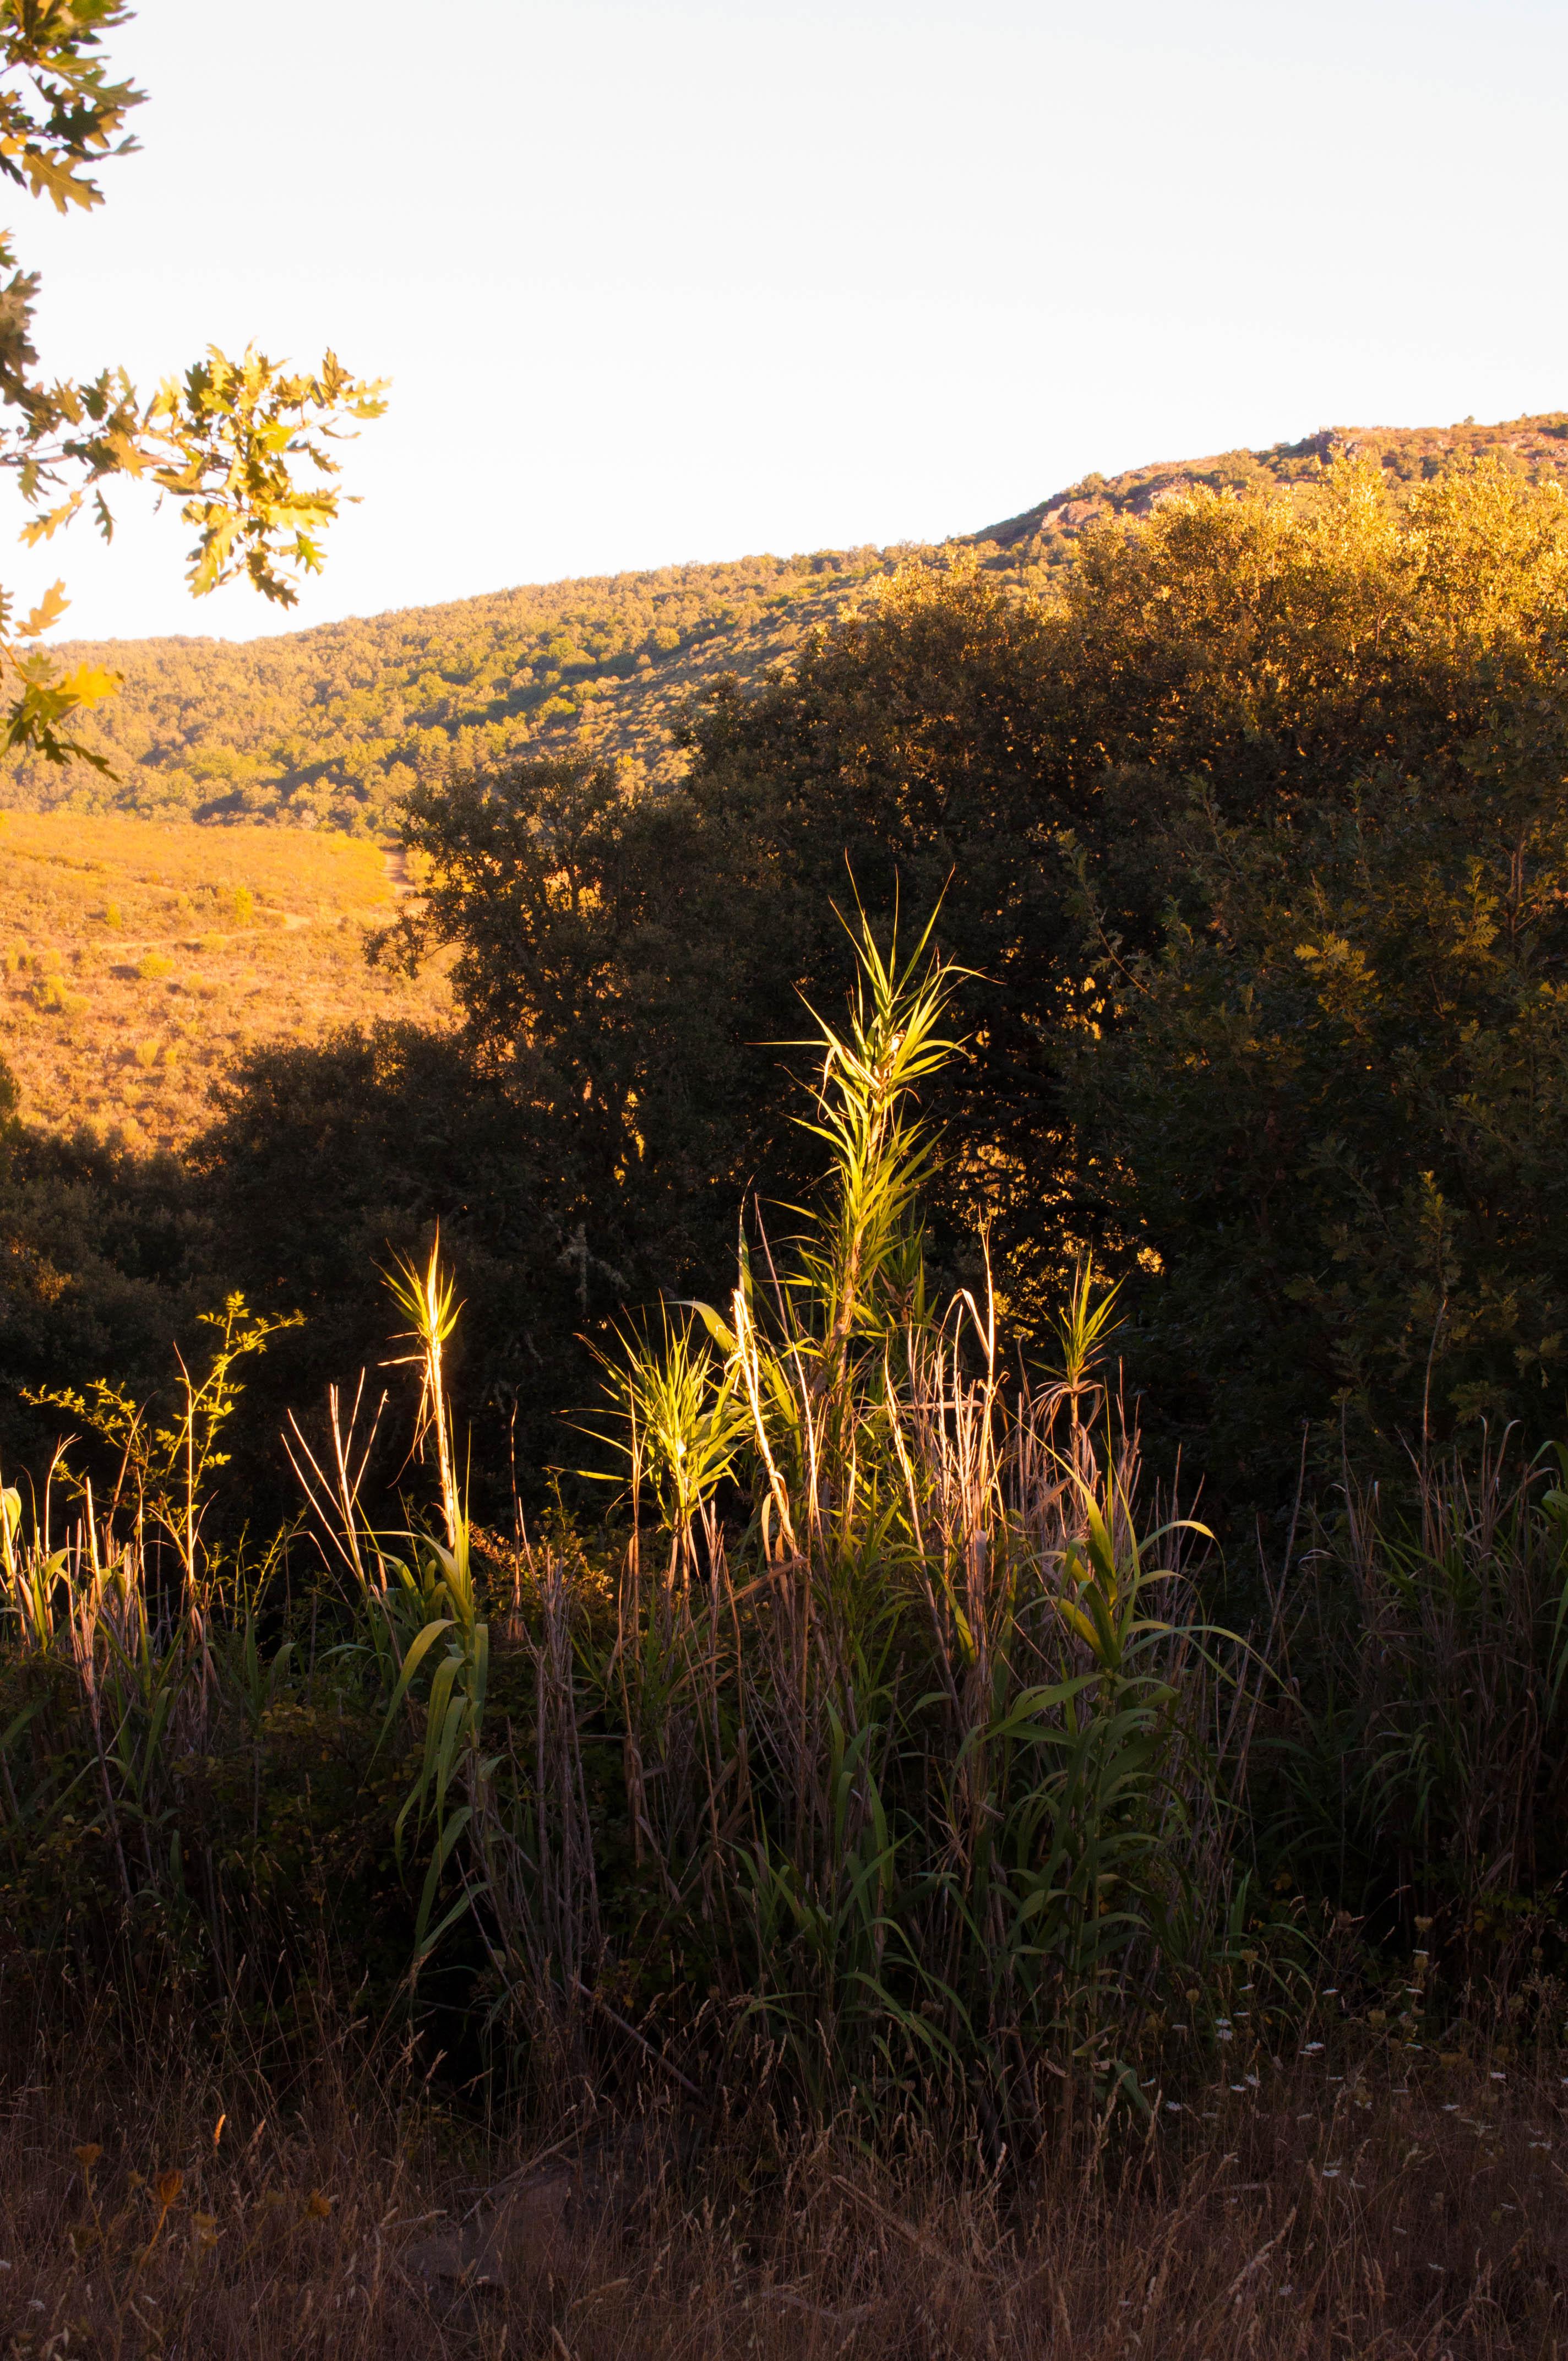 Phragmites australis Las Obreras de Aliste